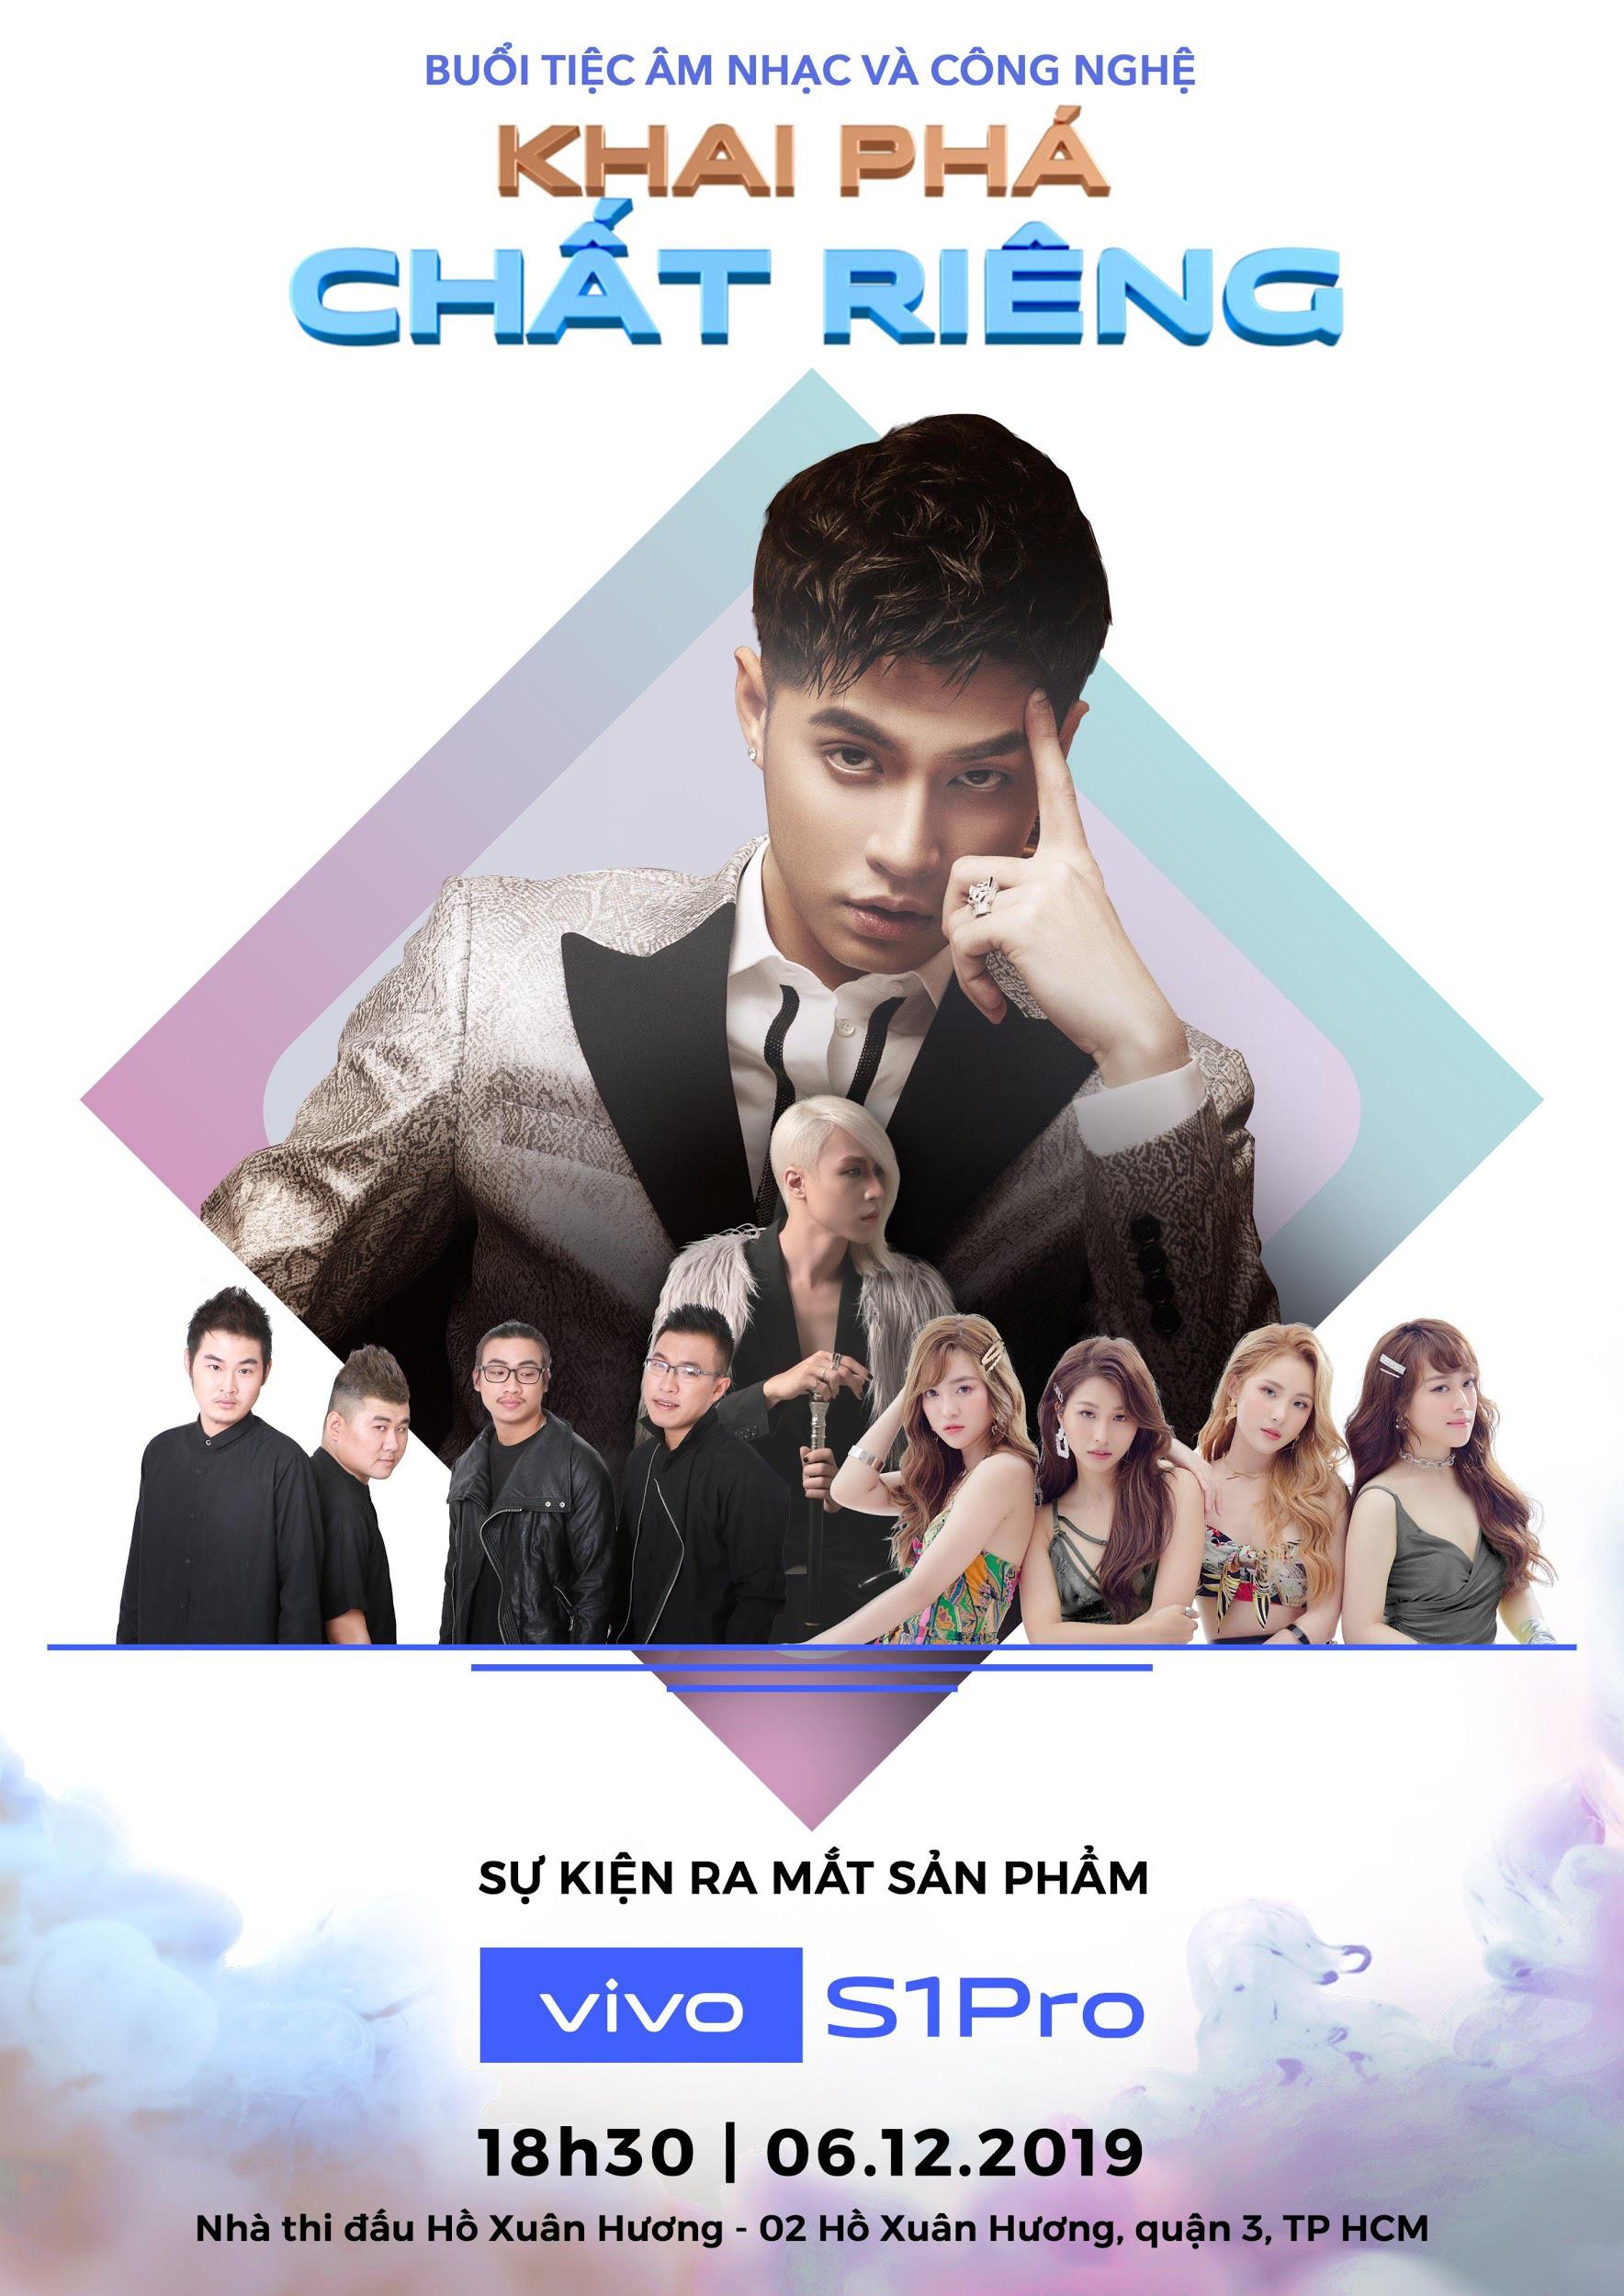 Bật mí về music showcase hoành tráng nhất năm của vivo: Noo Phước Thịnh hứa hẹn tạo ra sự bùng nổ cực chất - Ảnh 1.